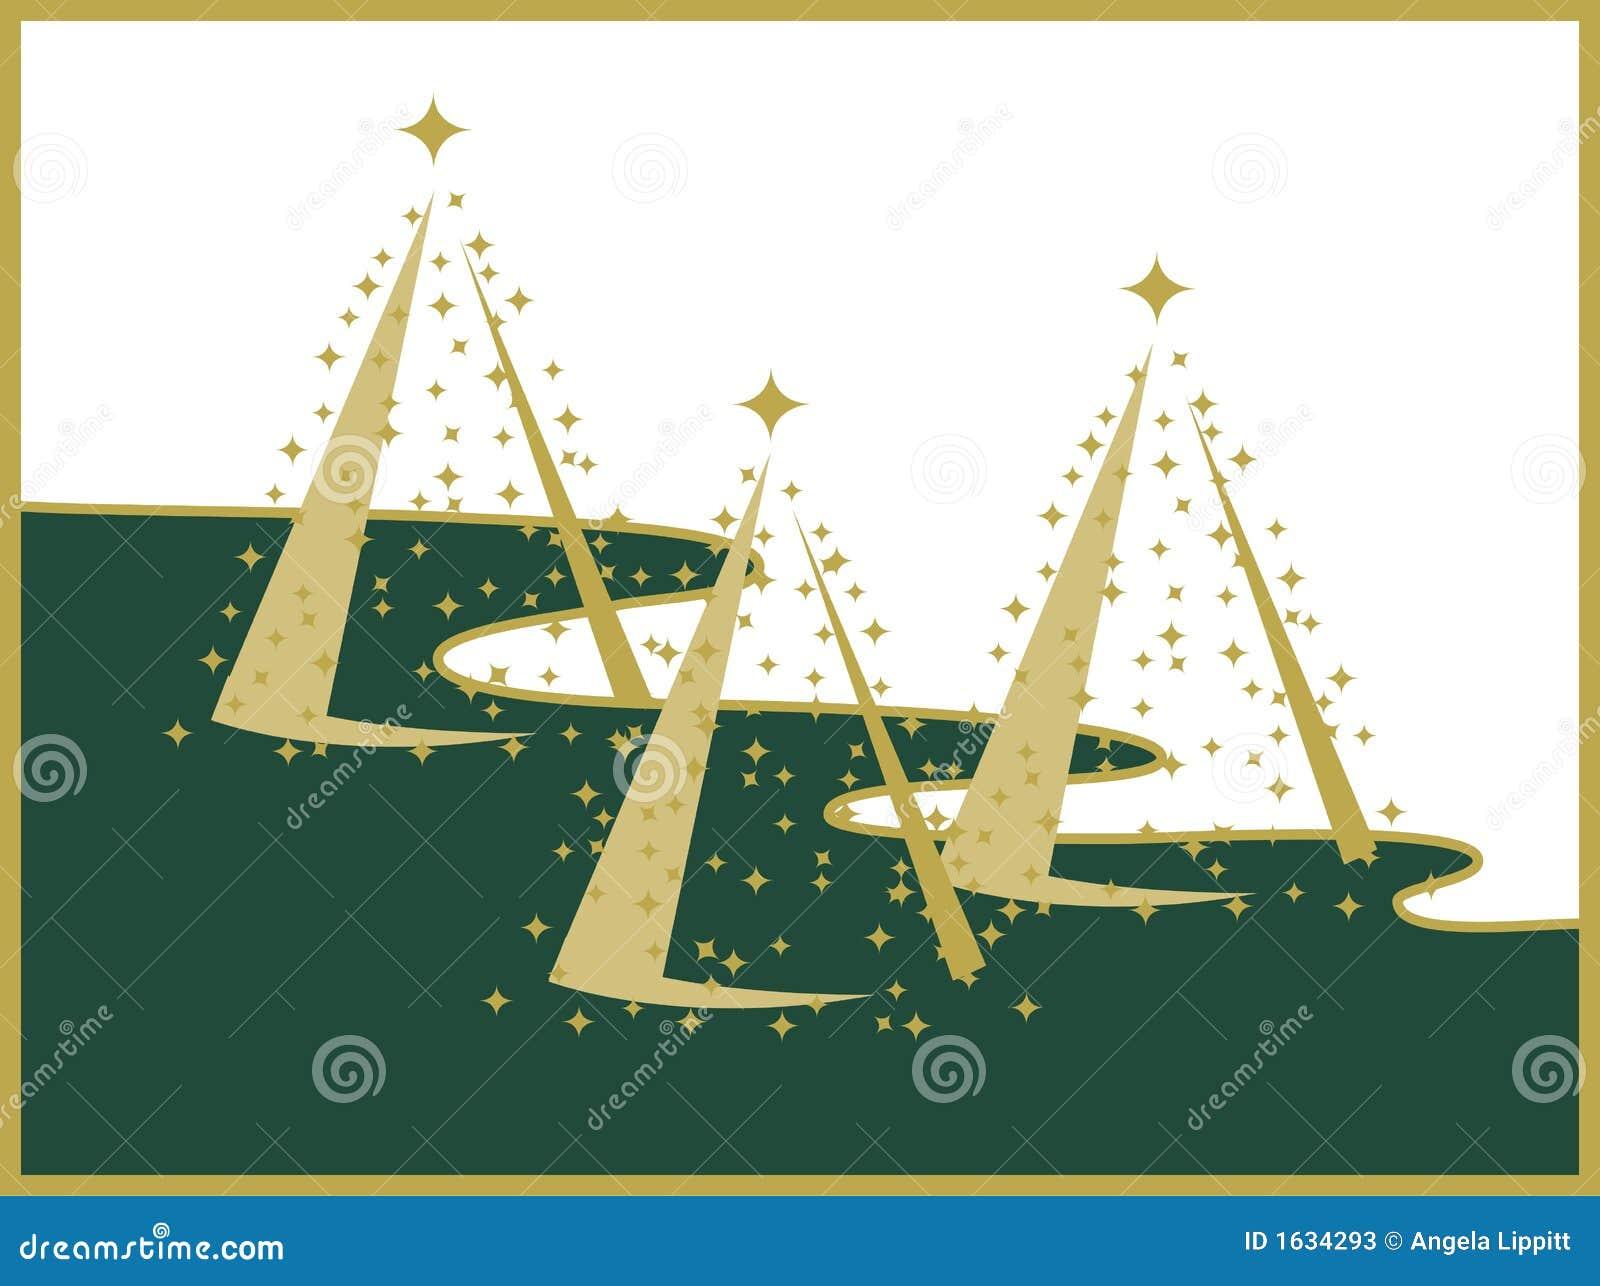 Drei Goldweihnachtsbäume auf weißer und grüner Landschaft